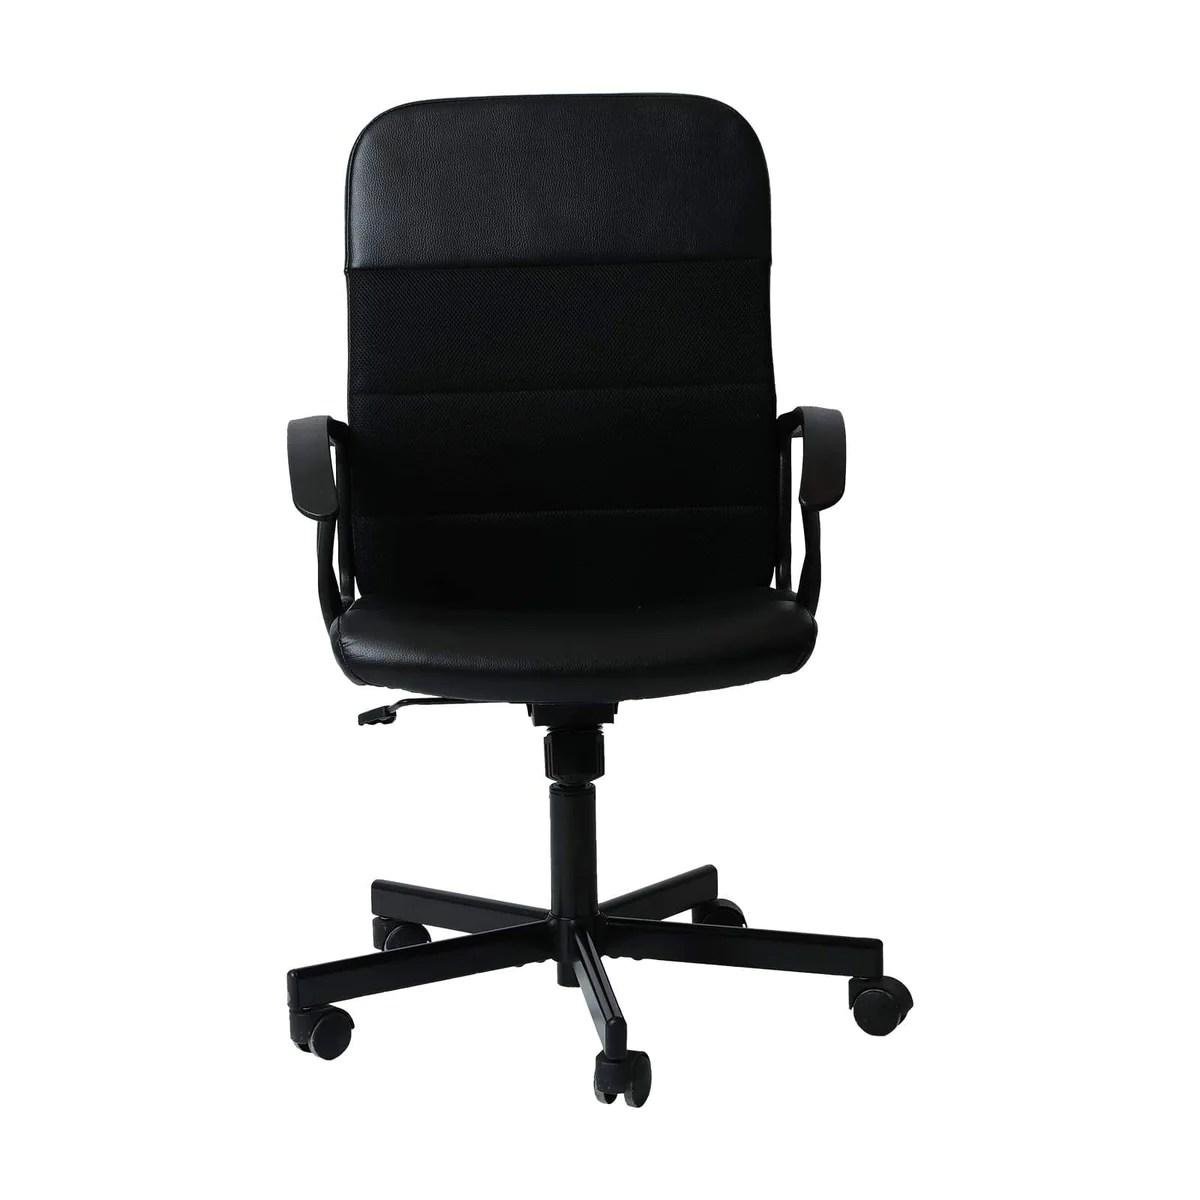 chaise de bureau ikea occasion noir avec accoudoir